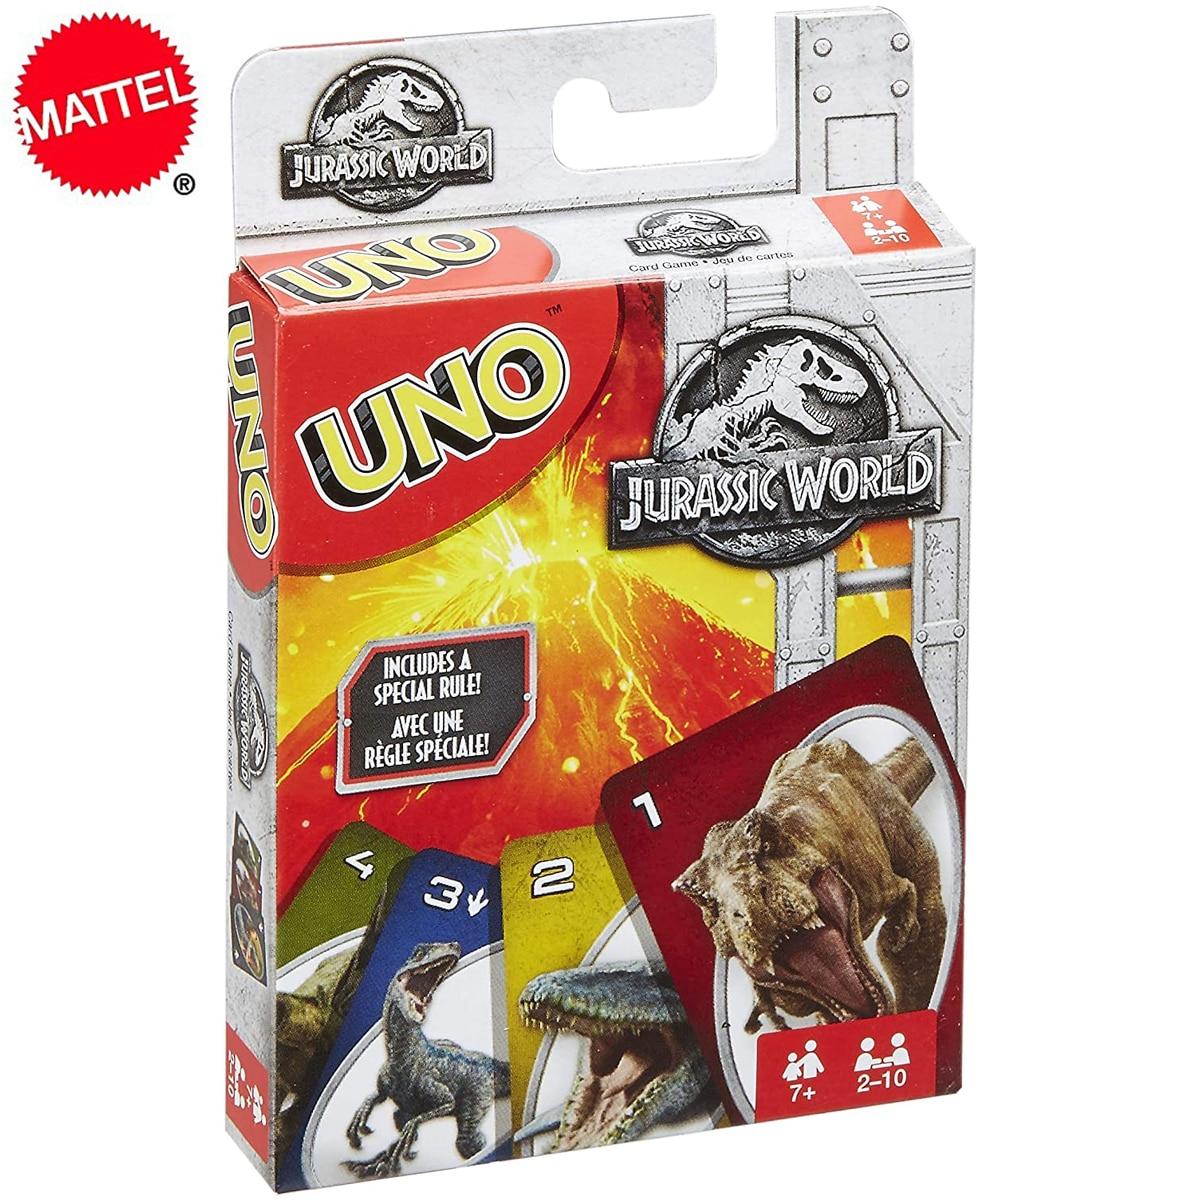 Mattel с рисунком динозавра из мультфильма «Парк Юрского периода», флип-чехол в UNO игры карточные игры Семья забавные развлечение настольная и...